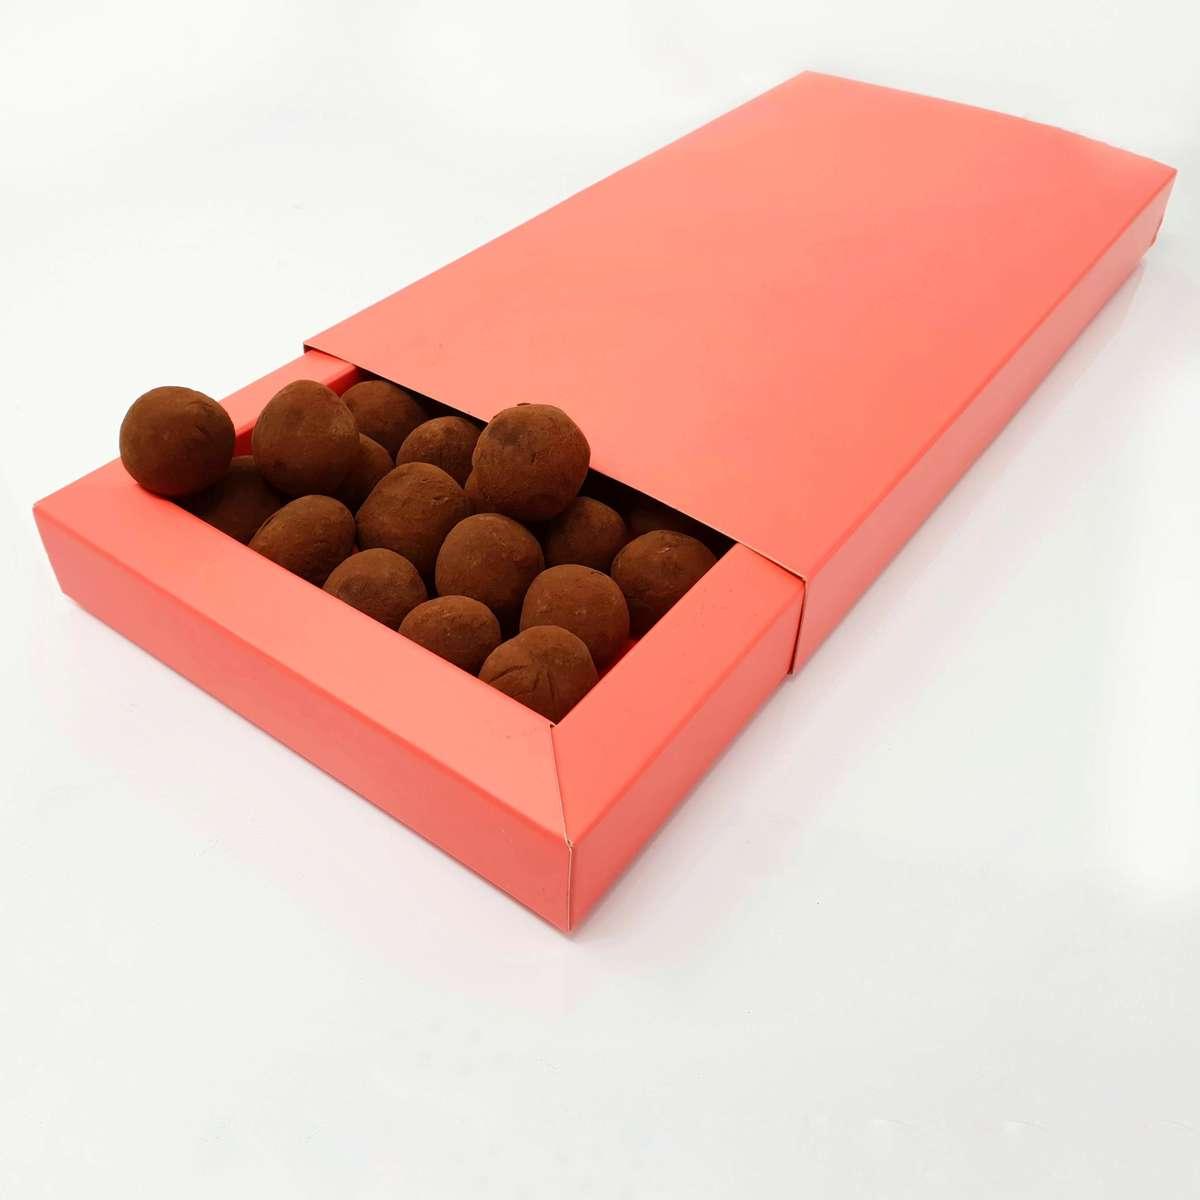 Recette traditionnelle des truffes en chocolat